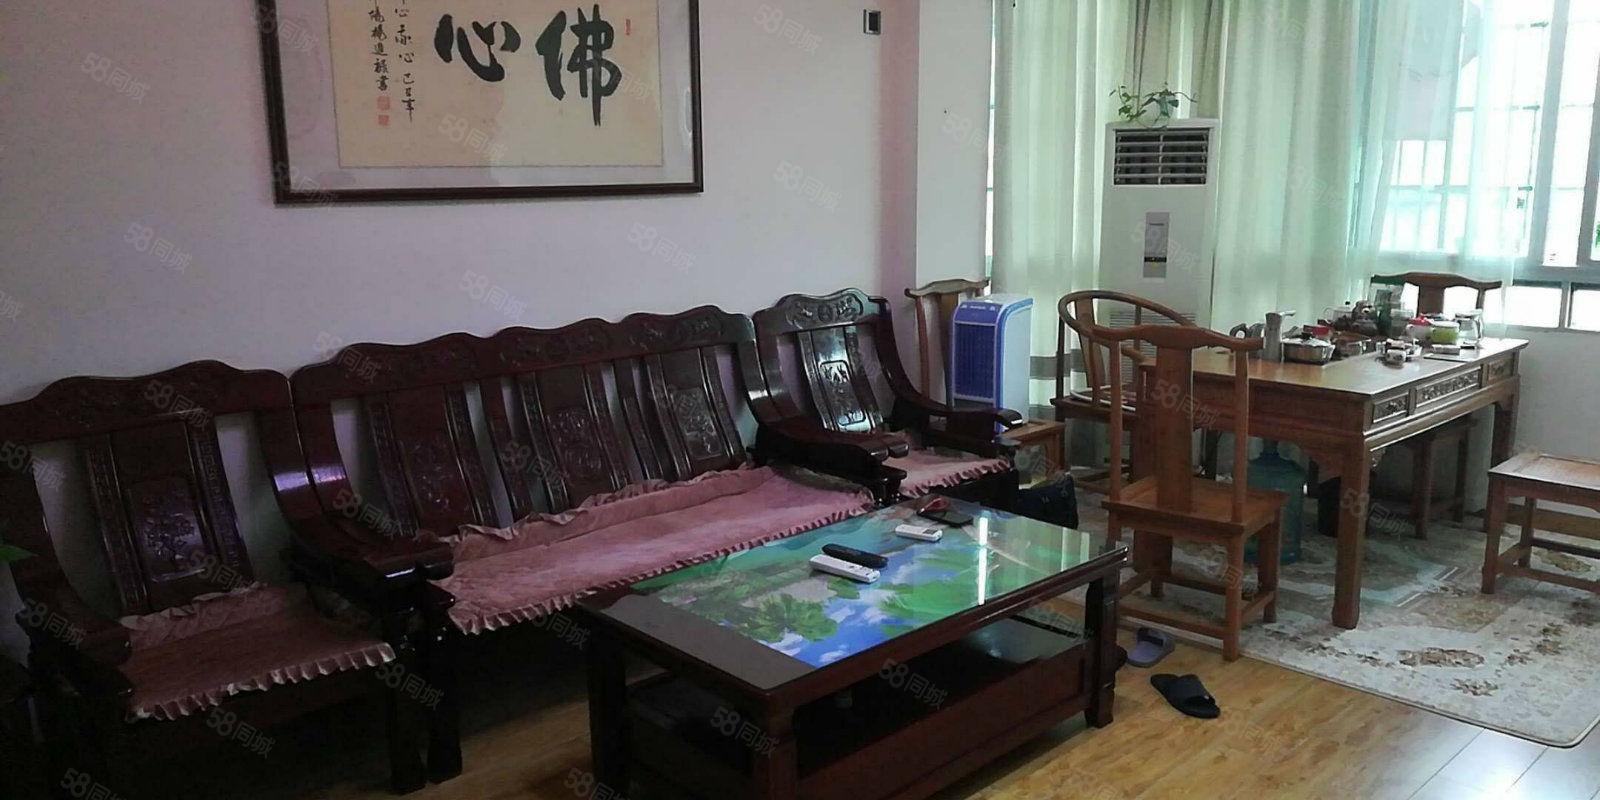 银海路两房出租家具家电齐全使用面积大长租短租均可